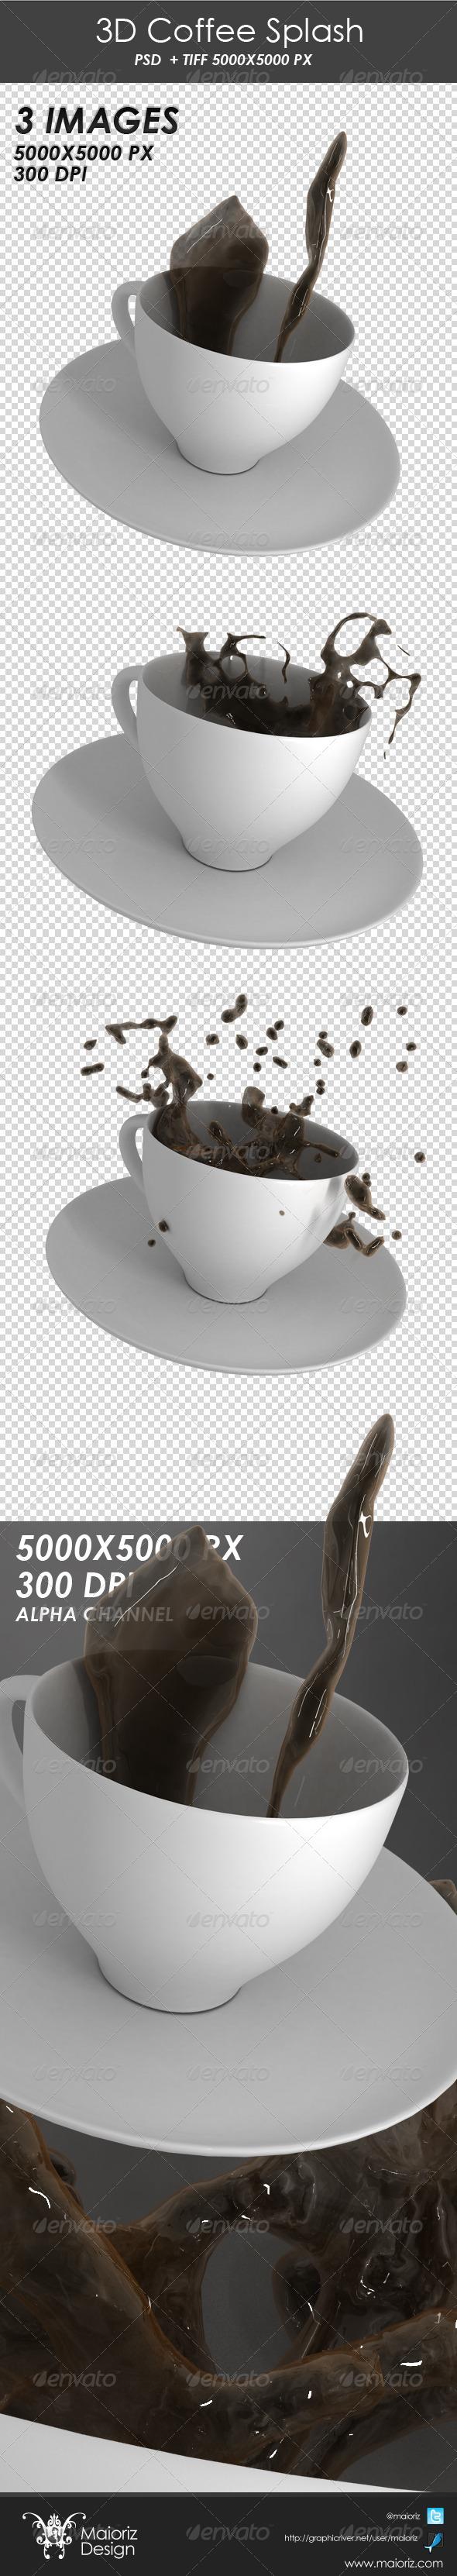 3D Coffee Splash - Objects 3D Renders